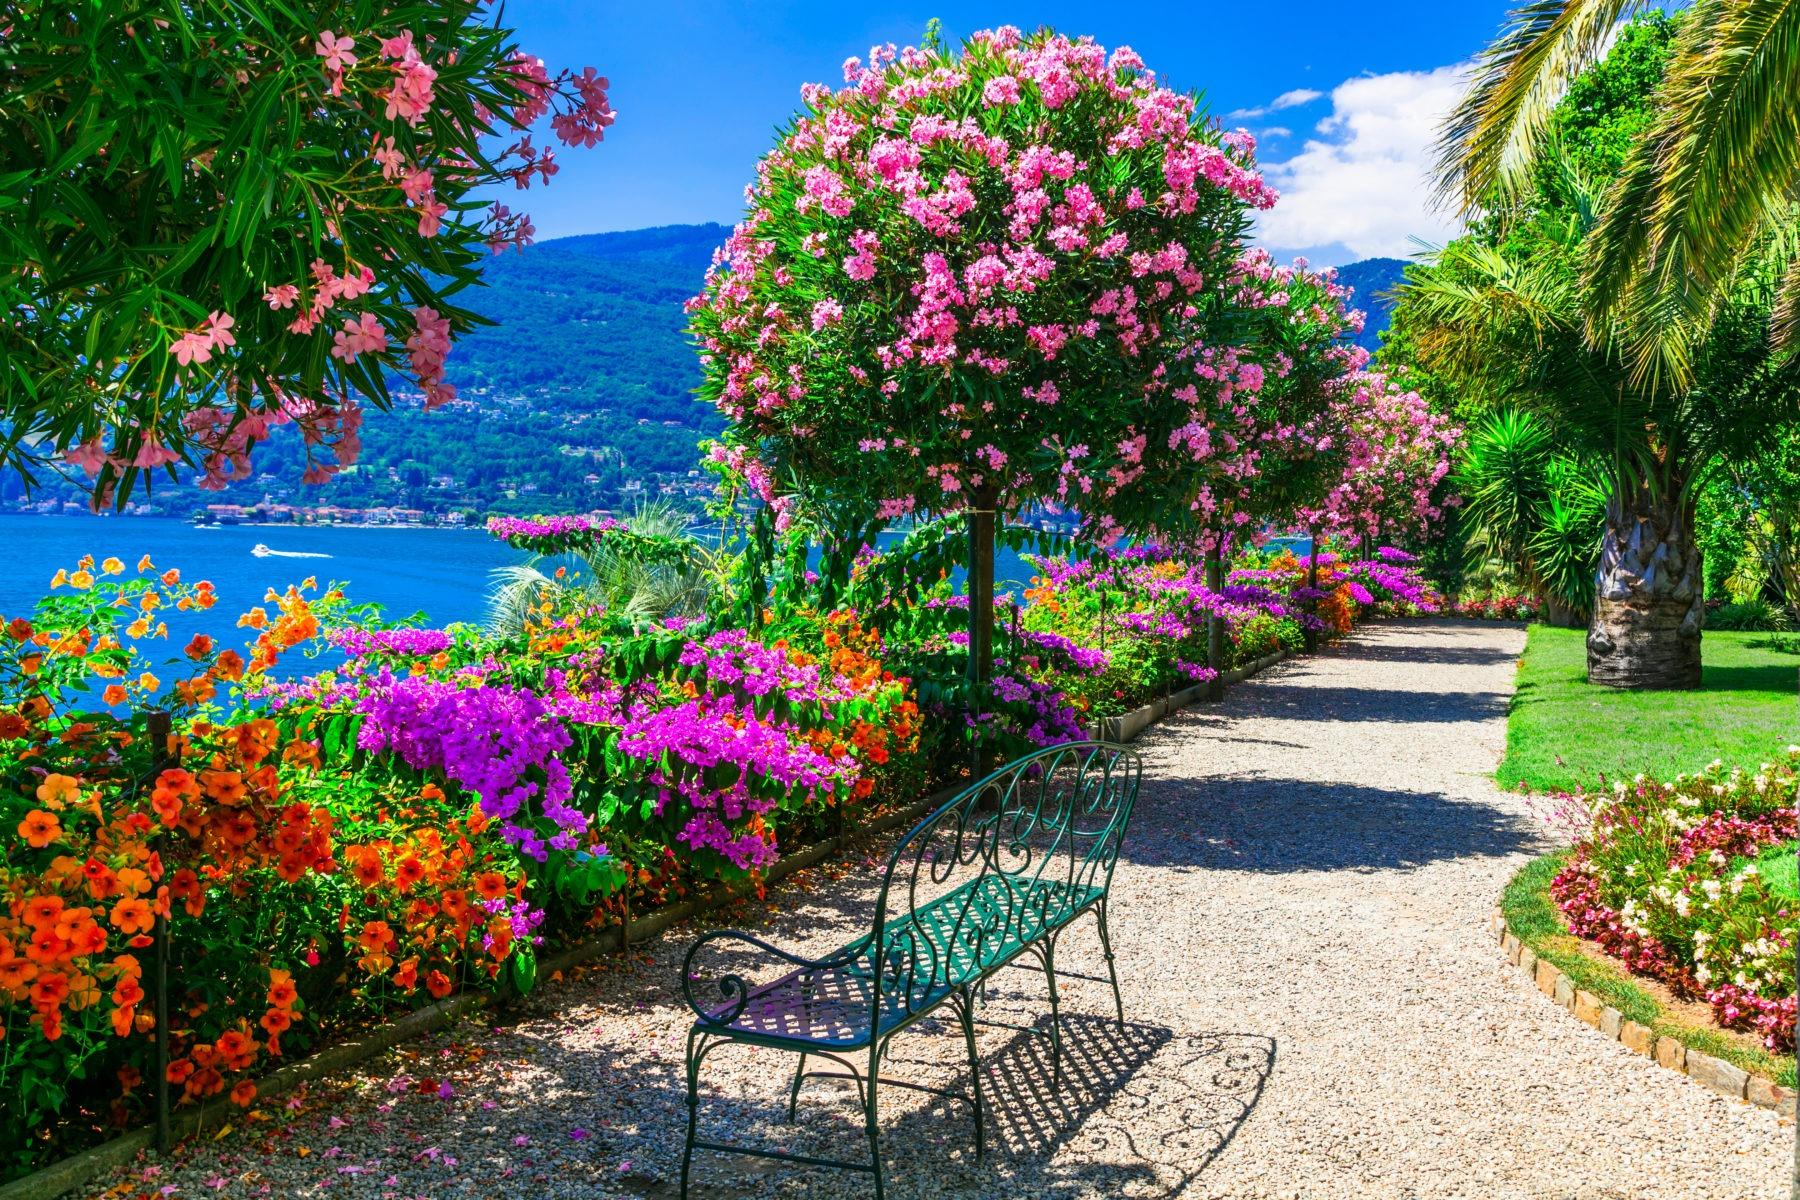 voyages organisés lacs italiens